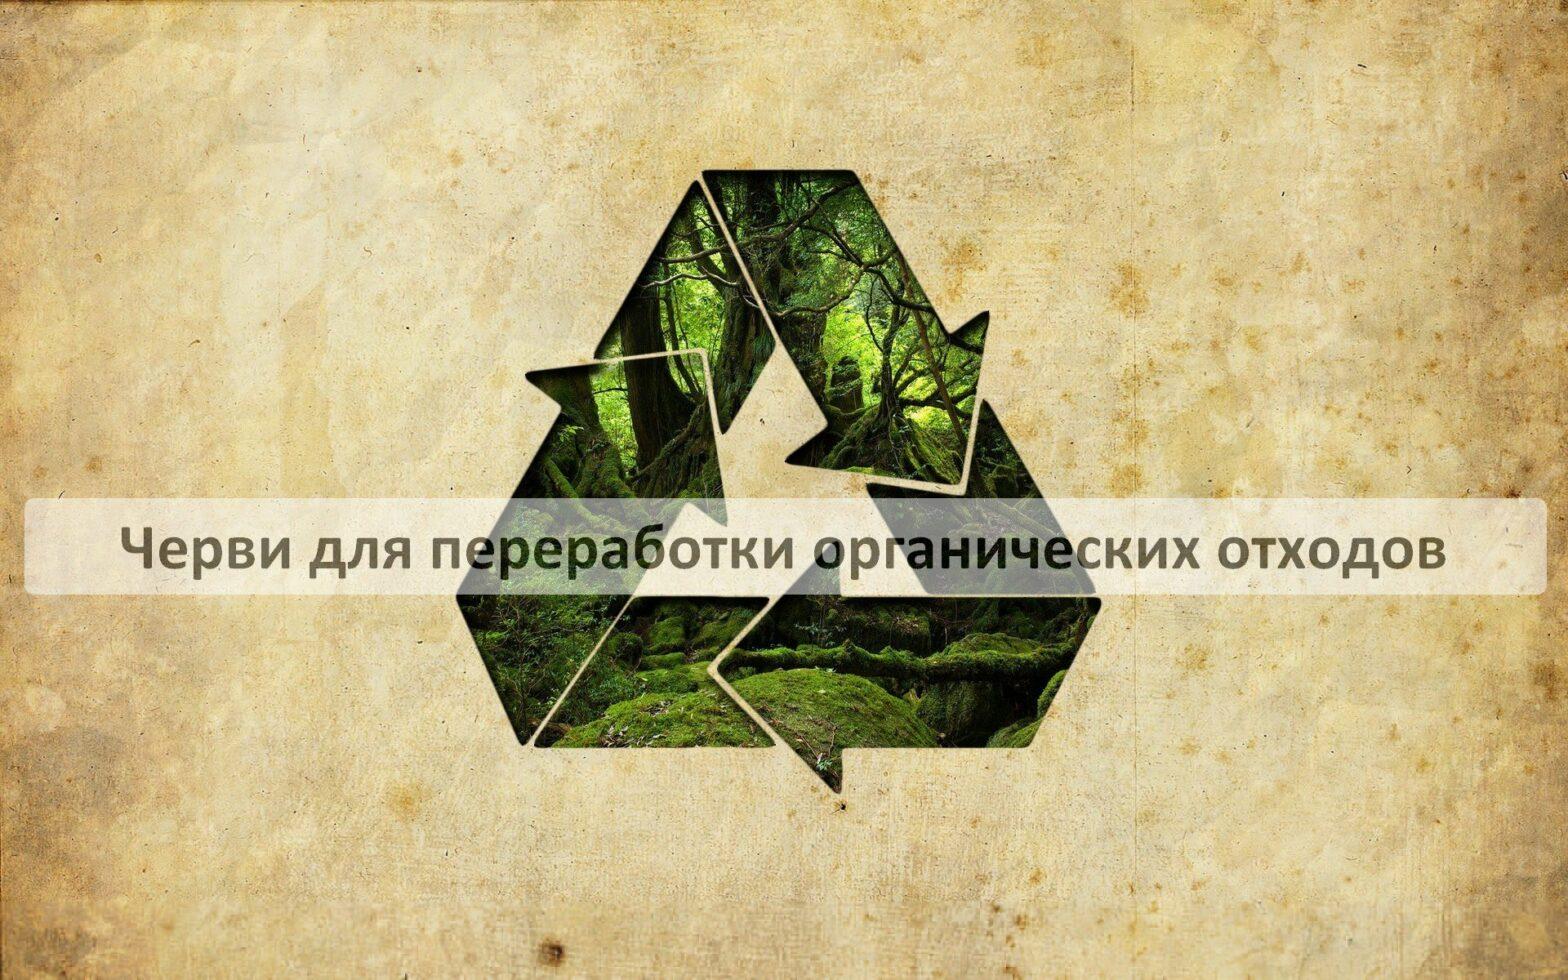 Черви для переработки органических отходов